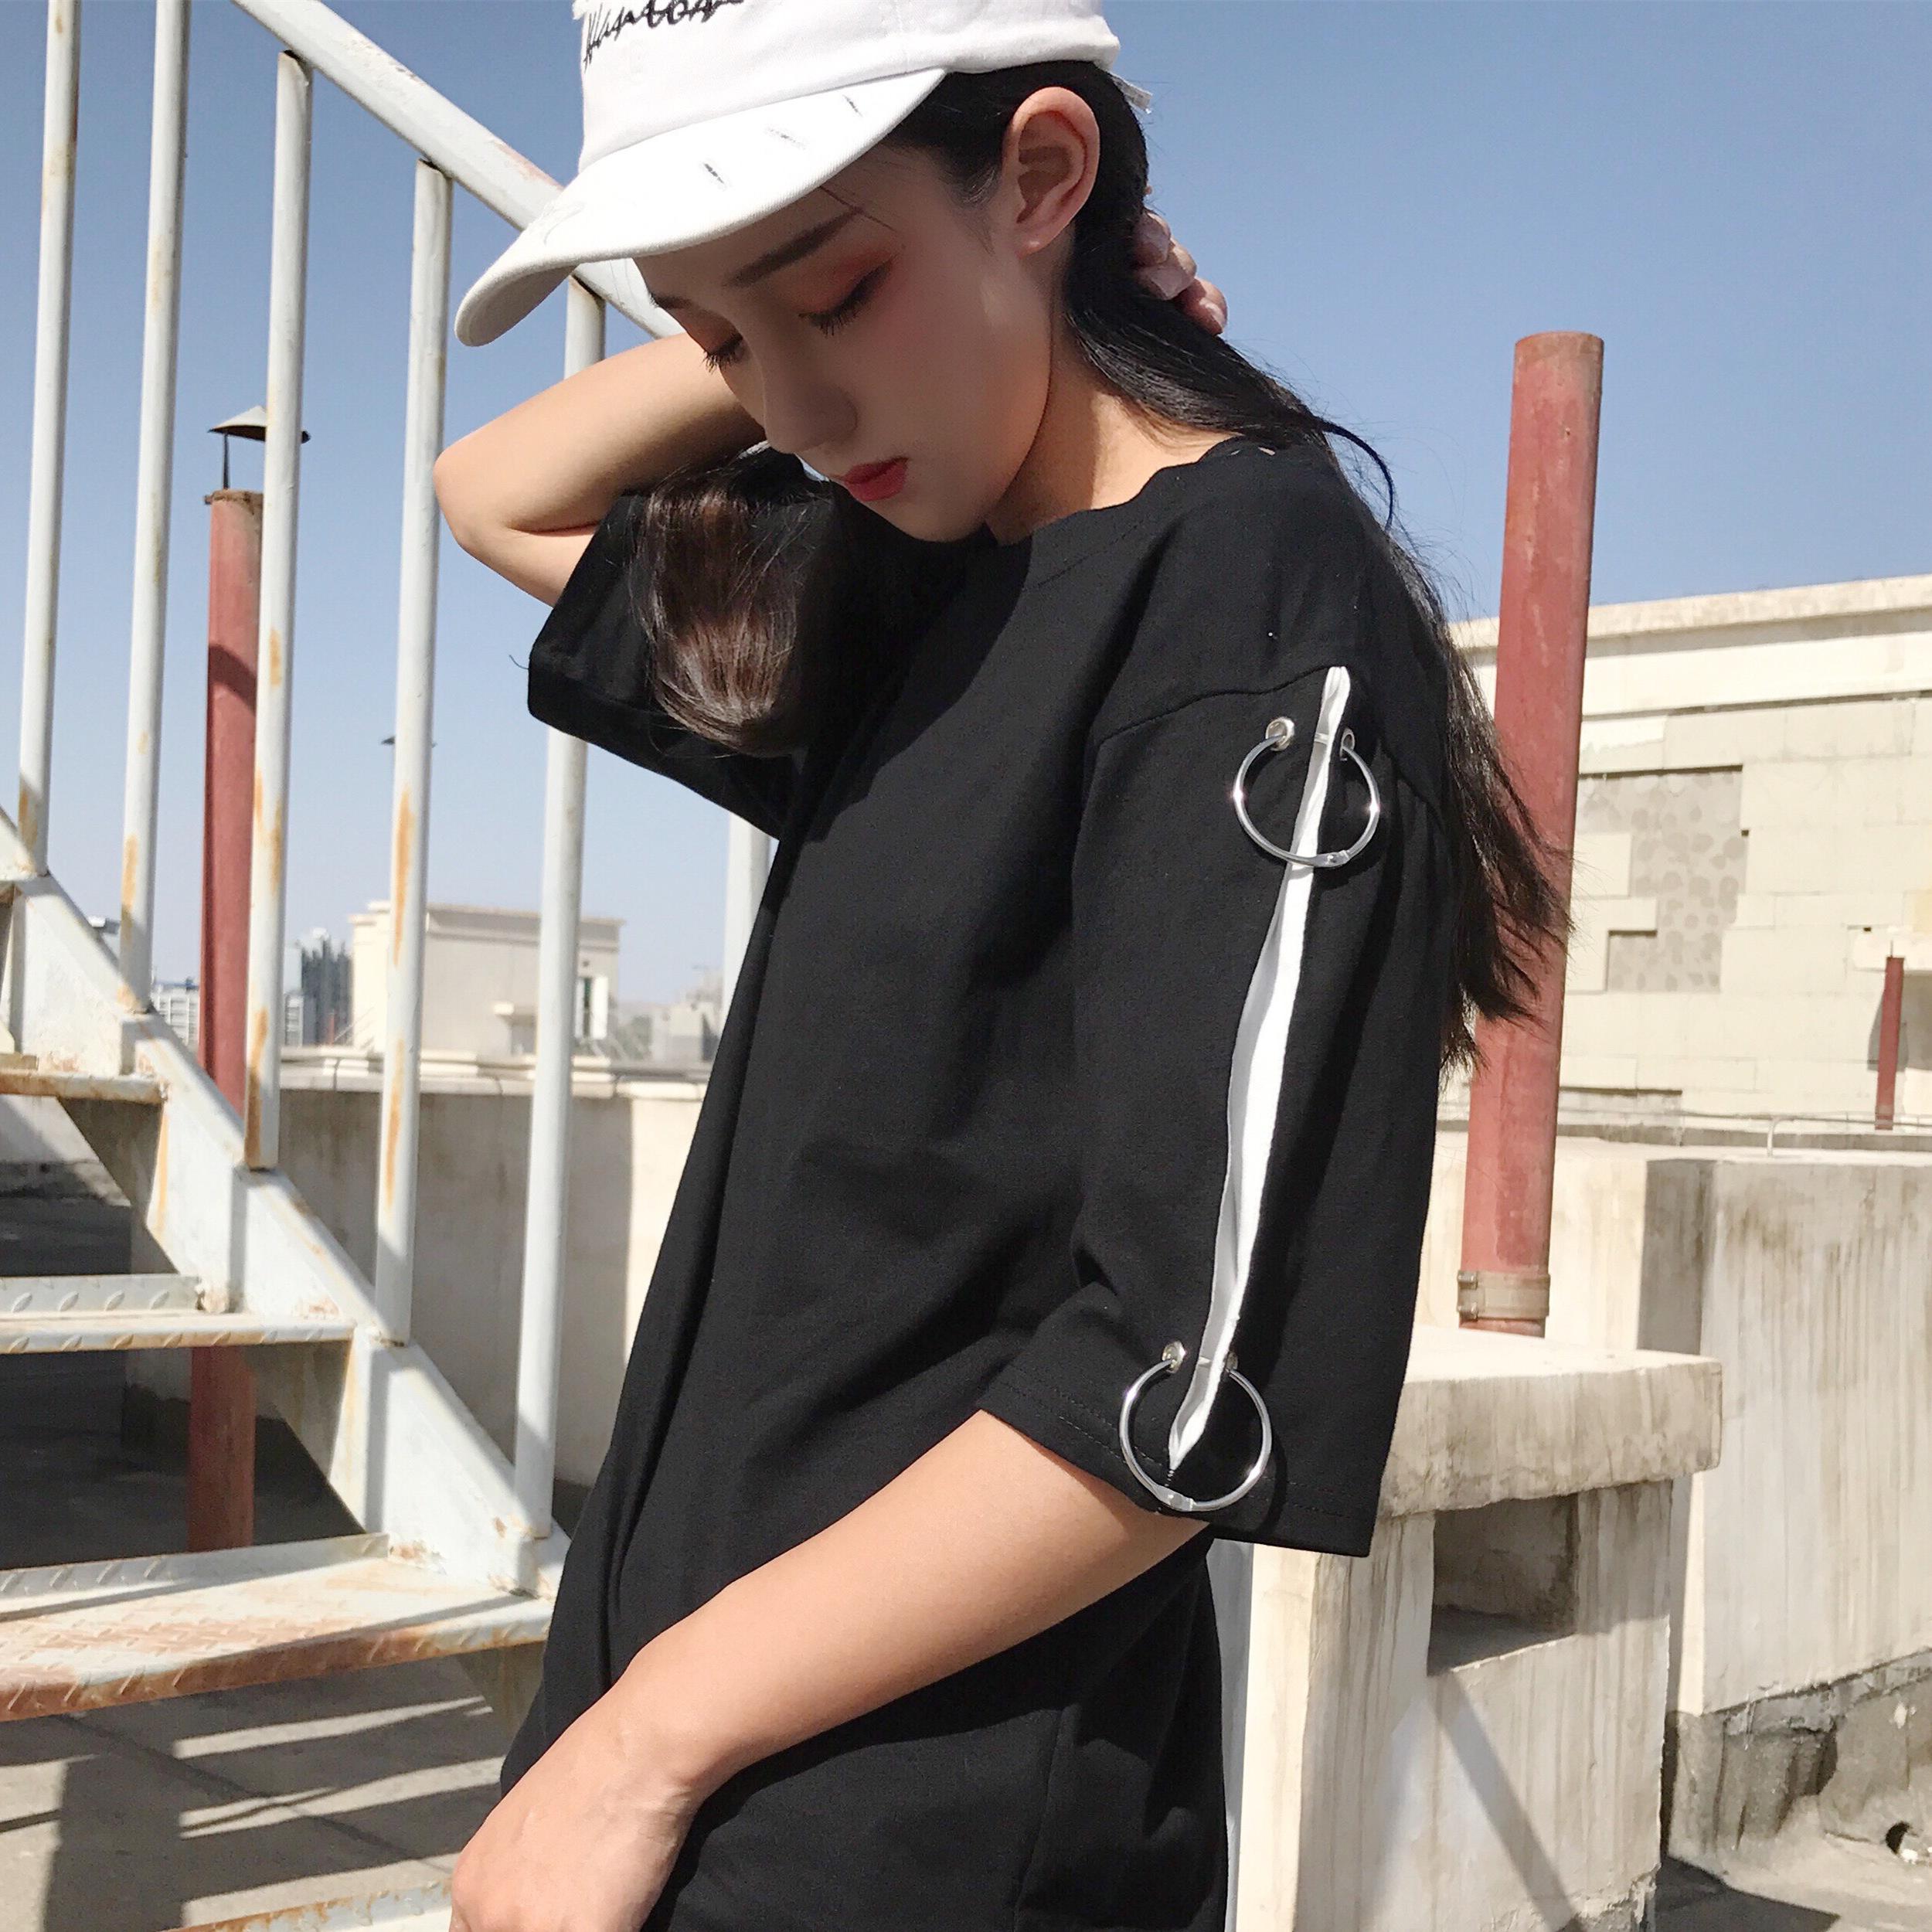 夏季女装日系BF原宿风宽松短袖T恤个性铁圈铁环半袖体恤上衣学生5元优惠券